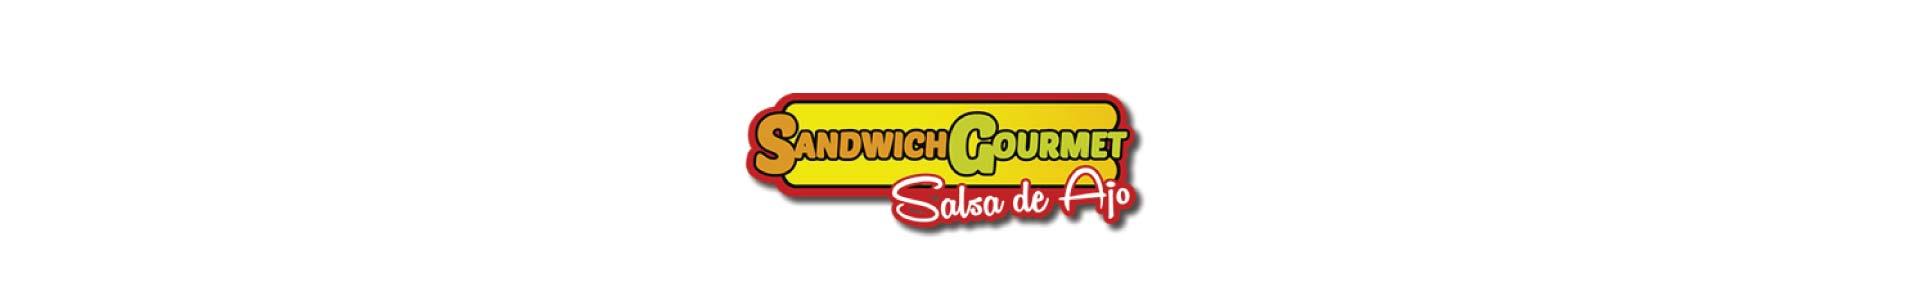 _Formato-header-sandwichgourmet